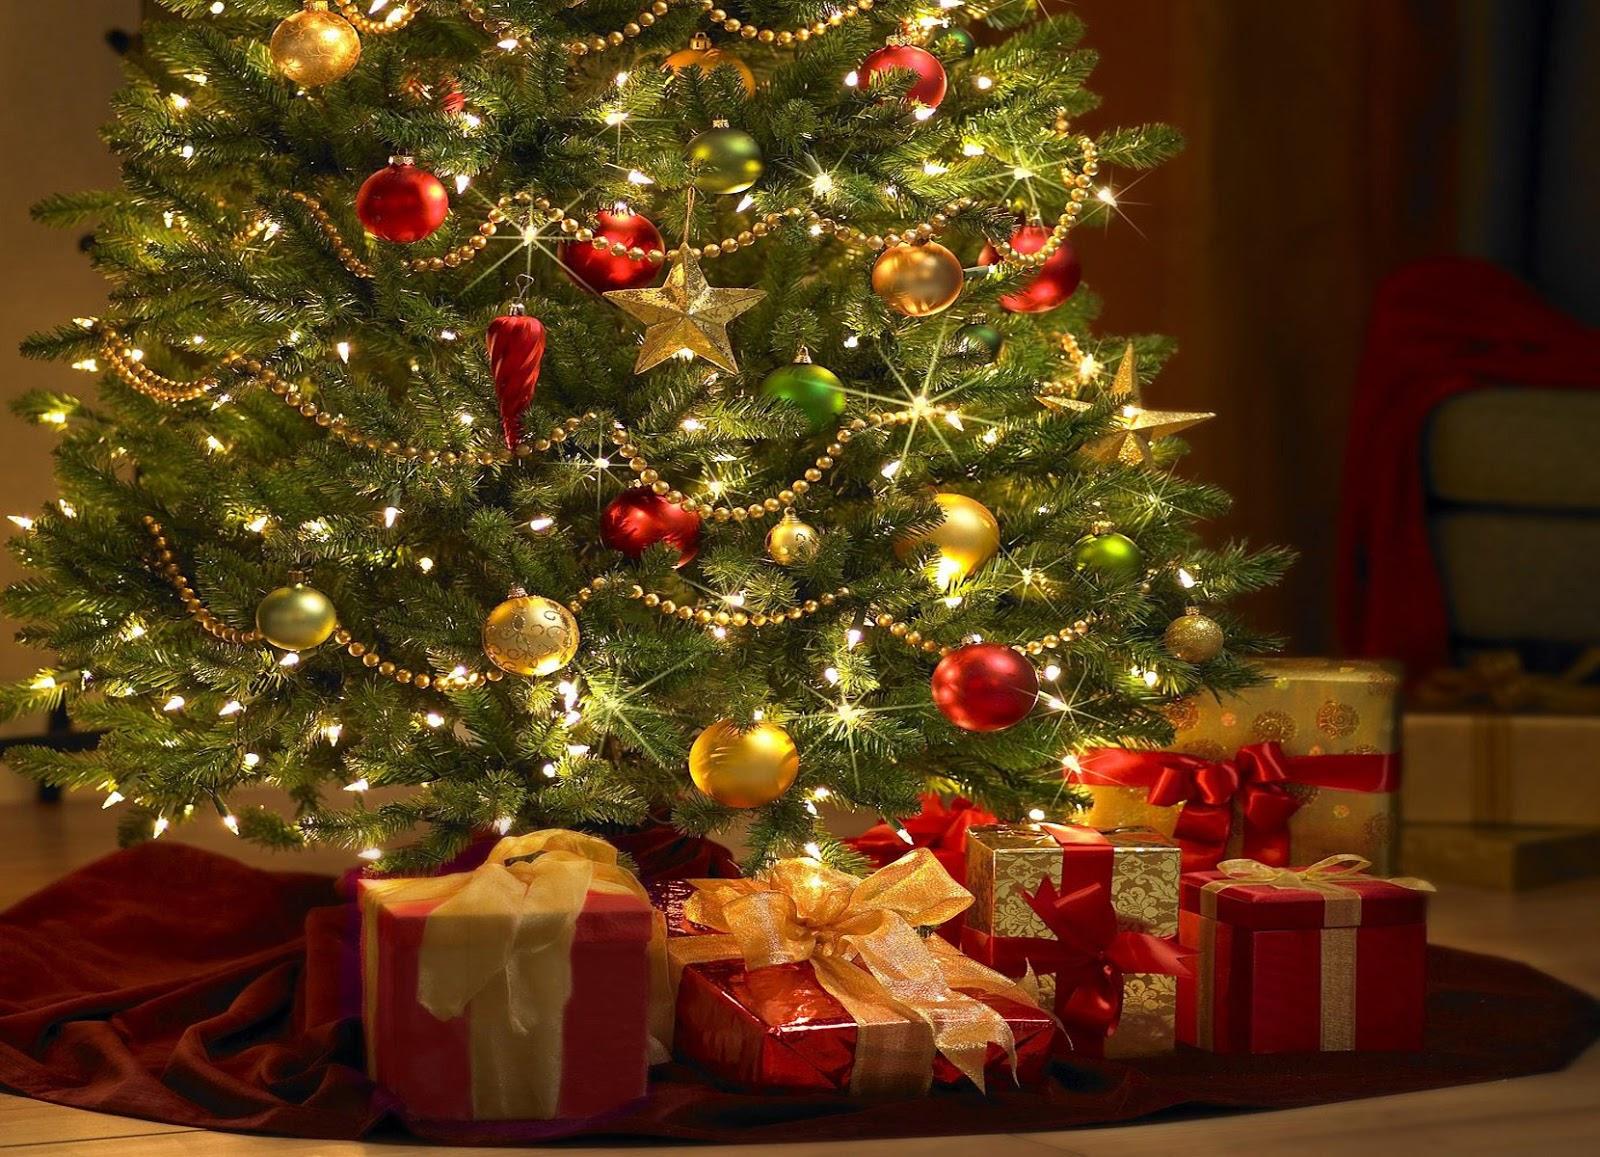 Costumbres navideas en Espaa el rbol de Navidad